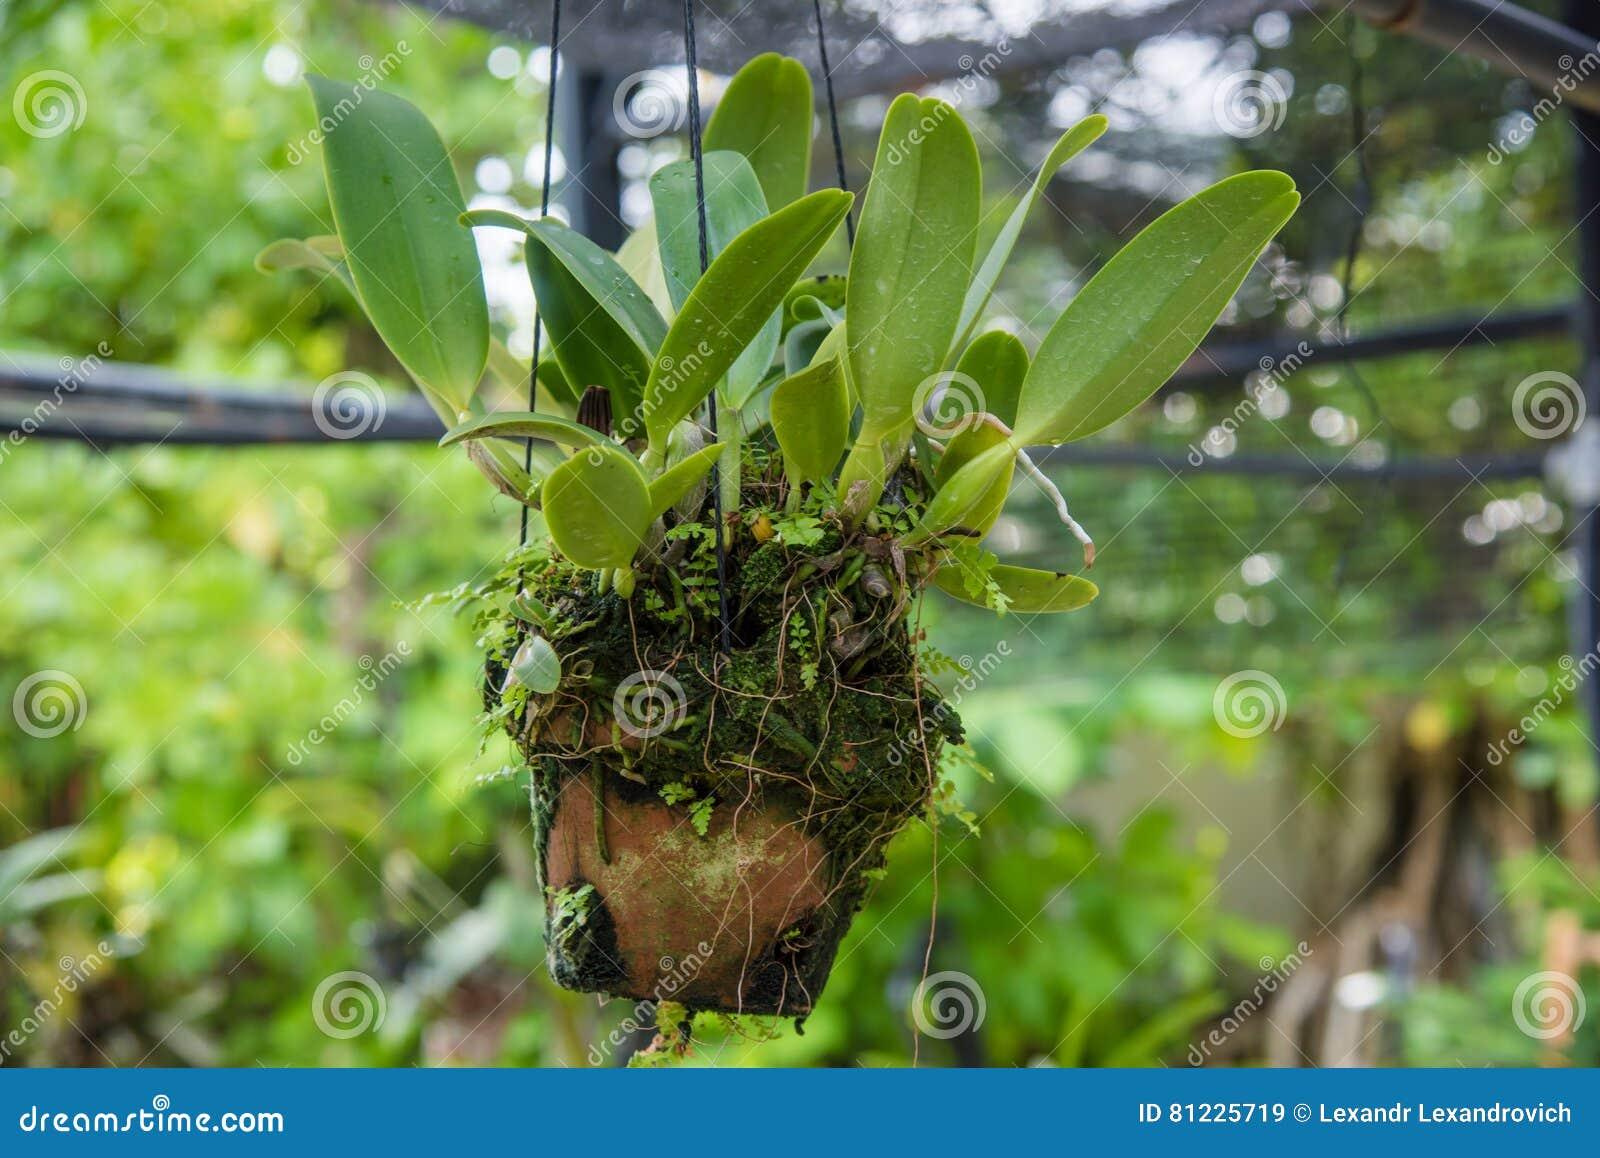 großer blumentopf hängt stockbild. bild von floret, züchter - 81225719